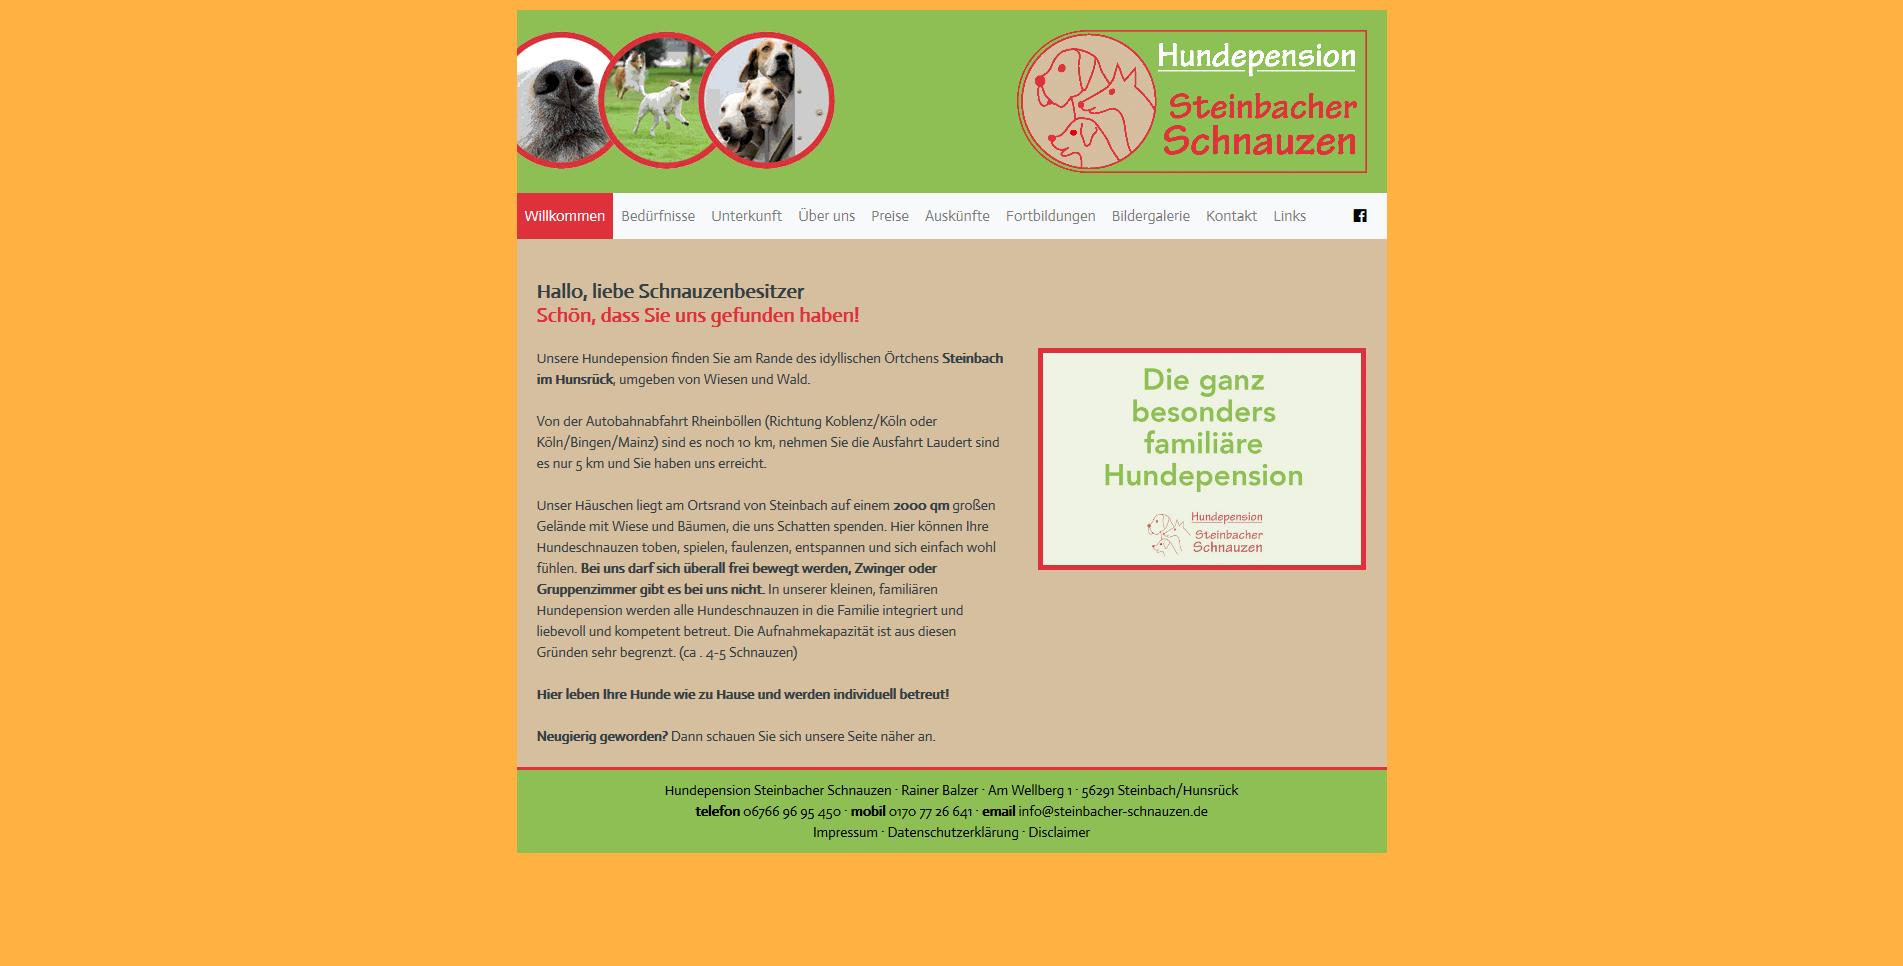 Hundepension Steinbacher Schnauzen